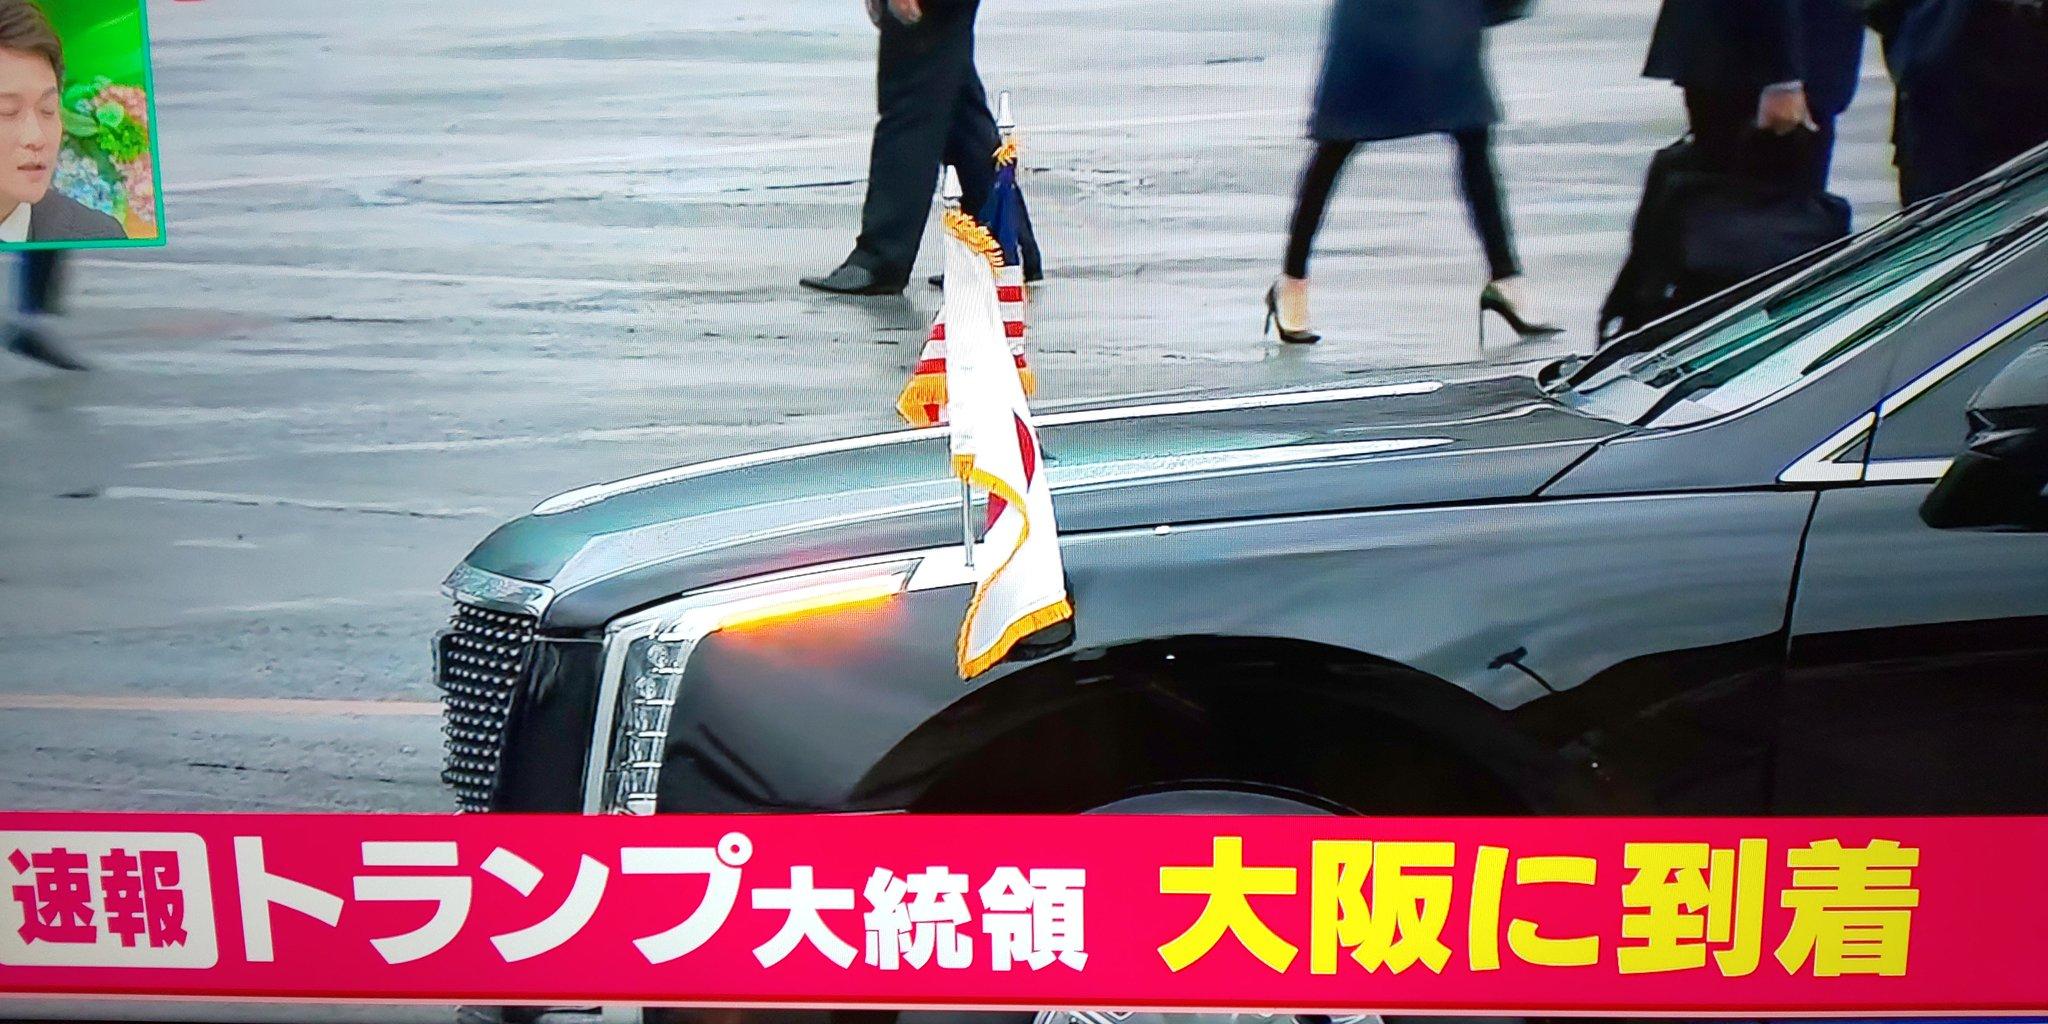 画像,#トランプ米大統領#伊丹空港#G20#ビースト#警視庁#大阪府警トランプ大統領、伊丹空港に到着✨この車🚗【ビースト】、ミサイル撃たれても大丈夫らしい。しかし、ビ…